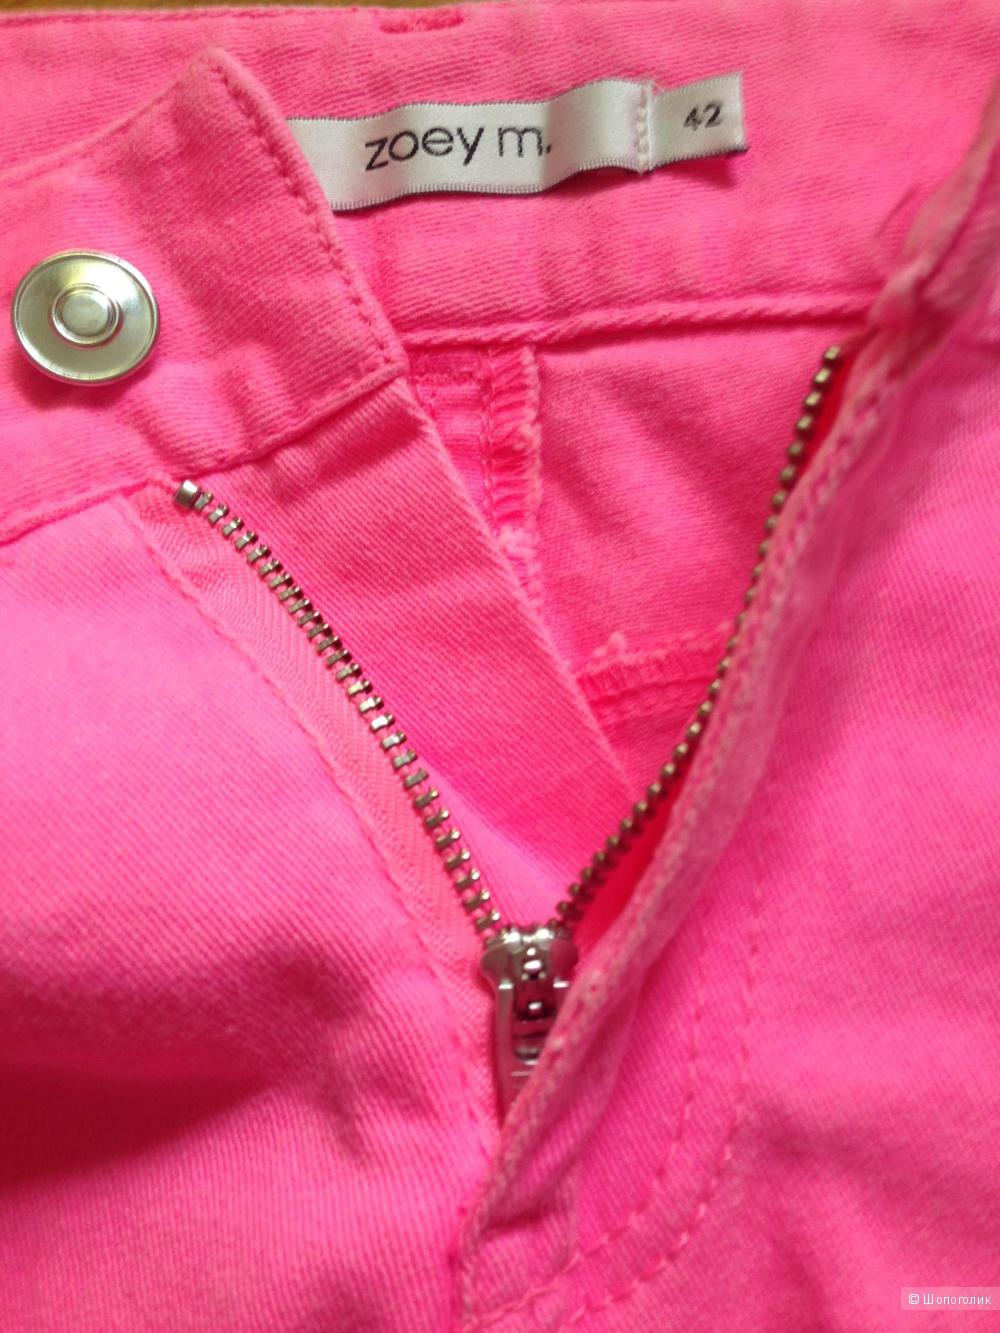 Джинсовые шорты Zoey M., р.42 на р.50+